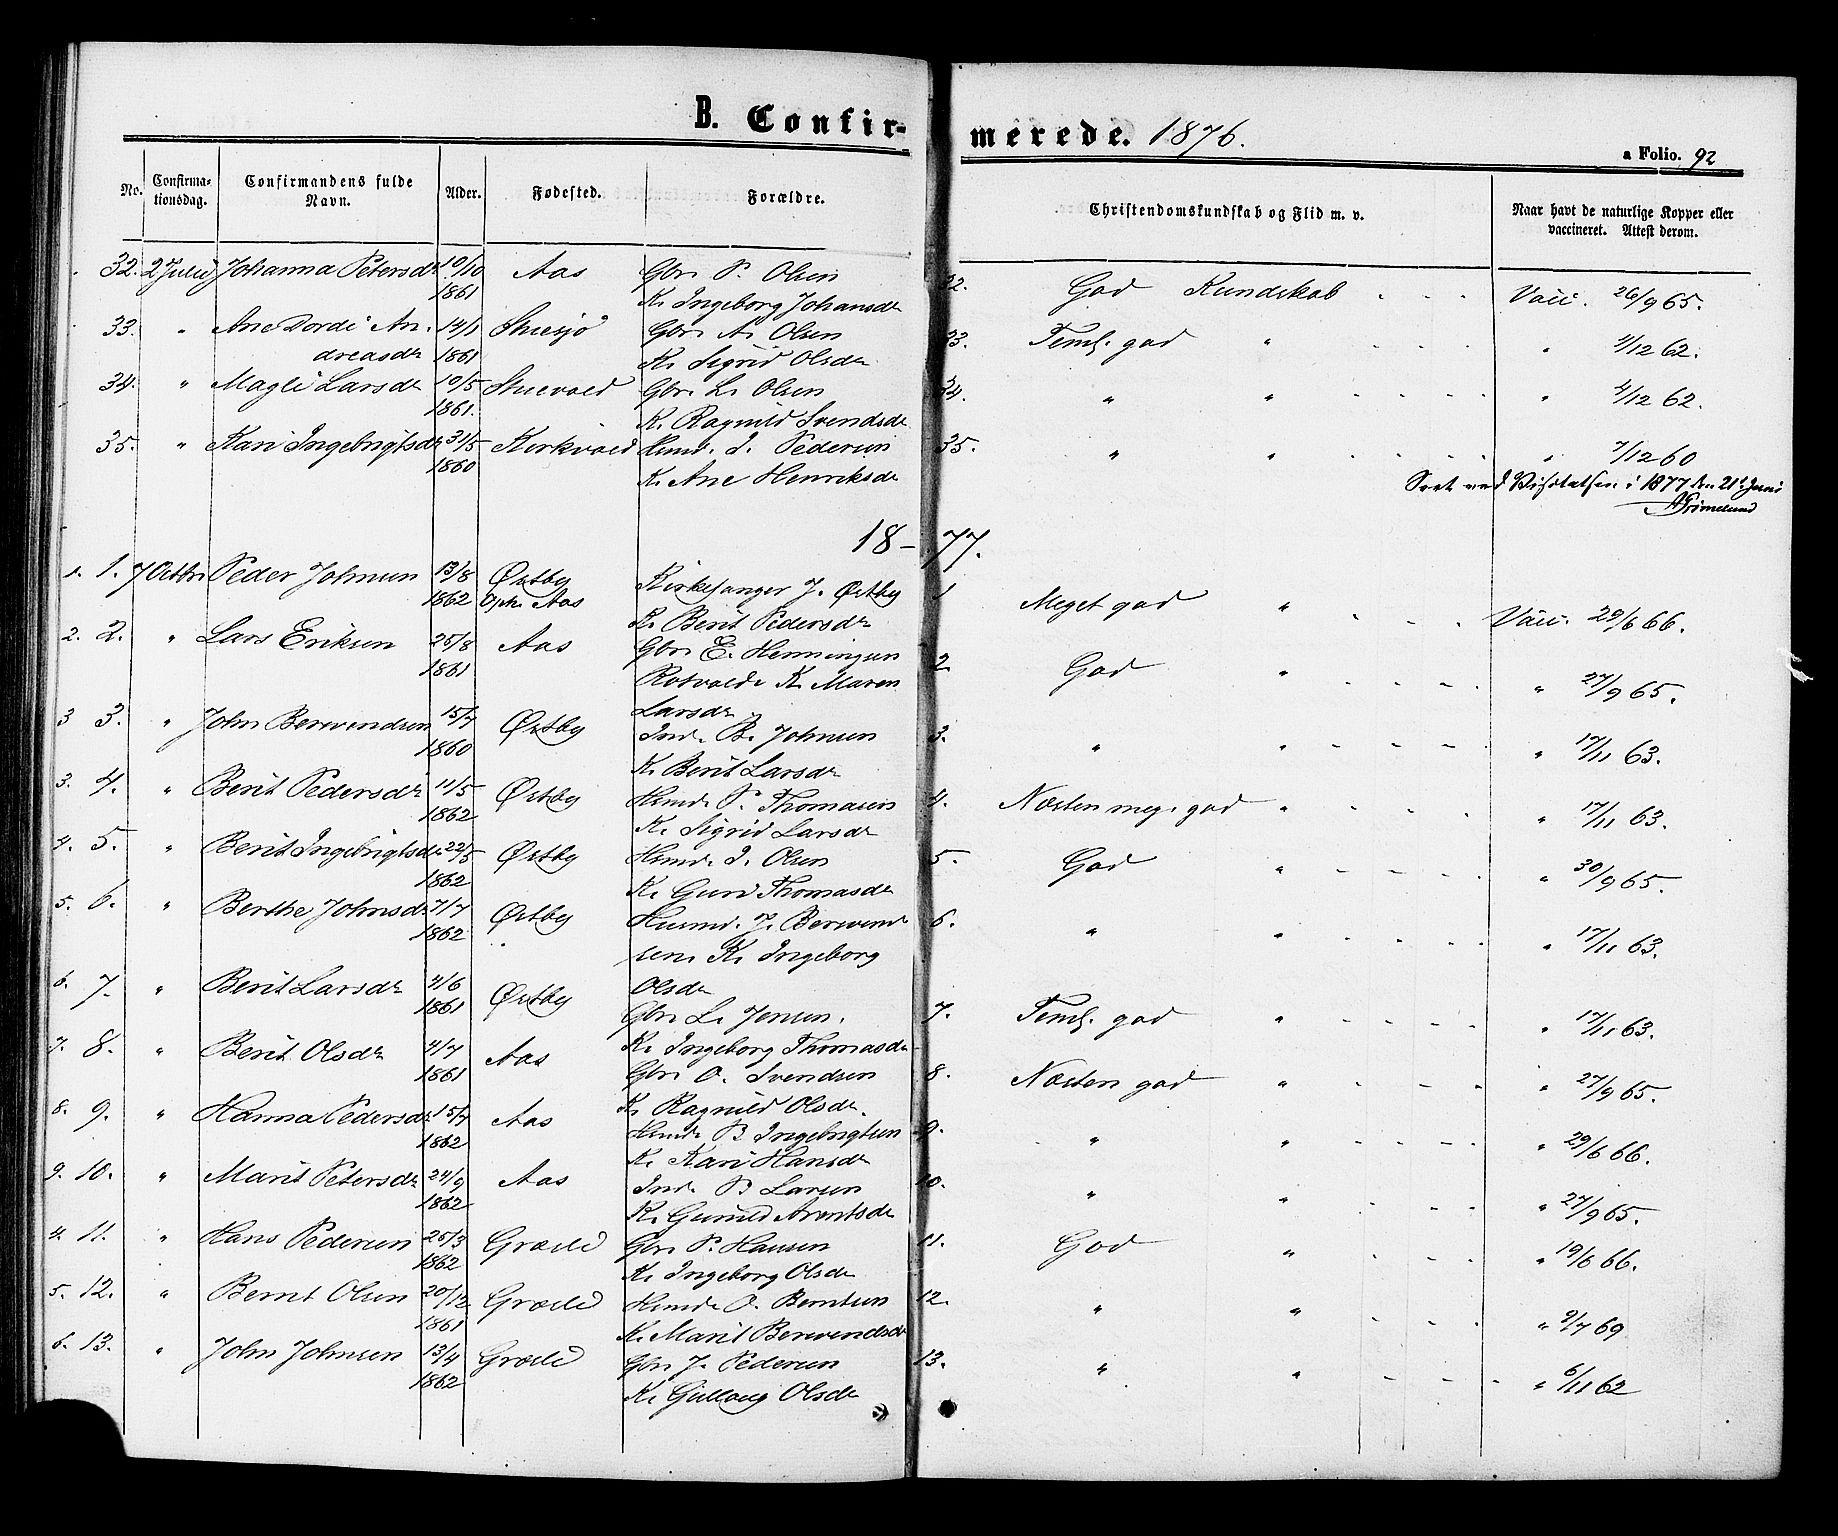 SAT, Ministerialprotokoller, klokkerbøker og fødselsregistre - Sør-Trøndelag, 698/L1163: Ministerialbok nr. 698A01, 1862-1887, s. 92